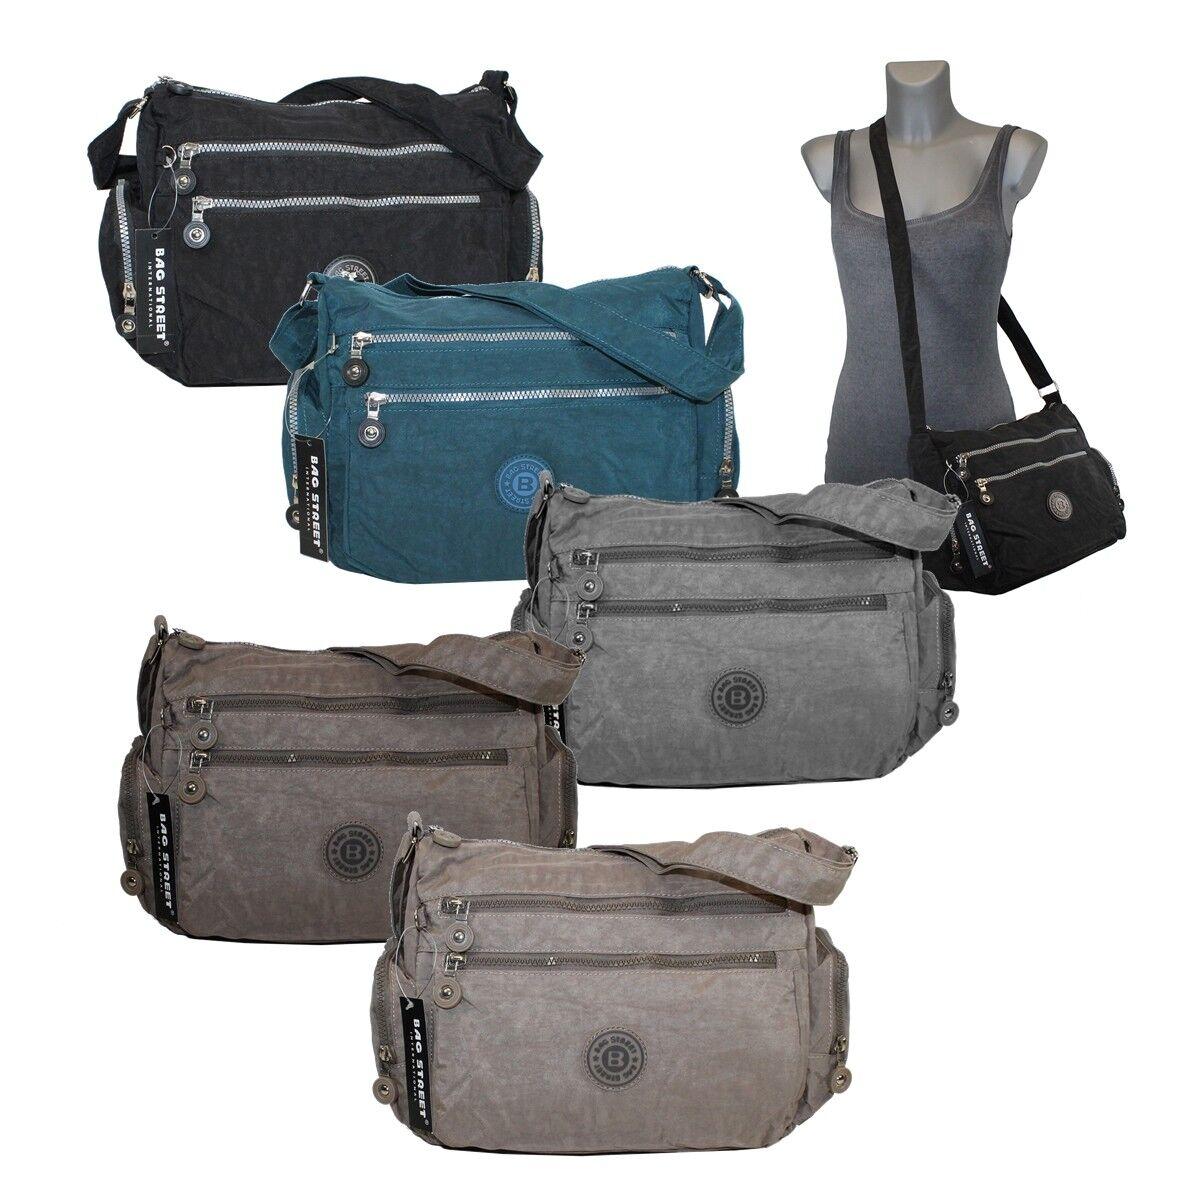 Bag Street Damen Umhängetasche Handtasche Crincle Nylon Tasche 2228 ++